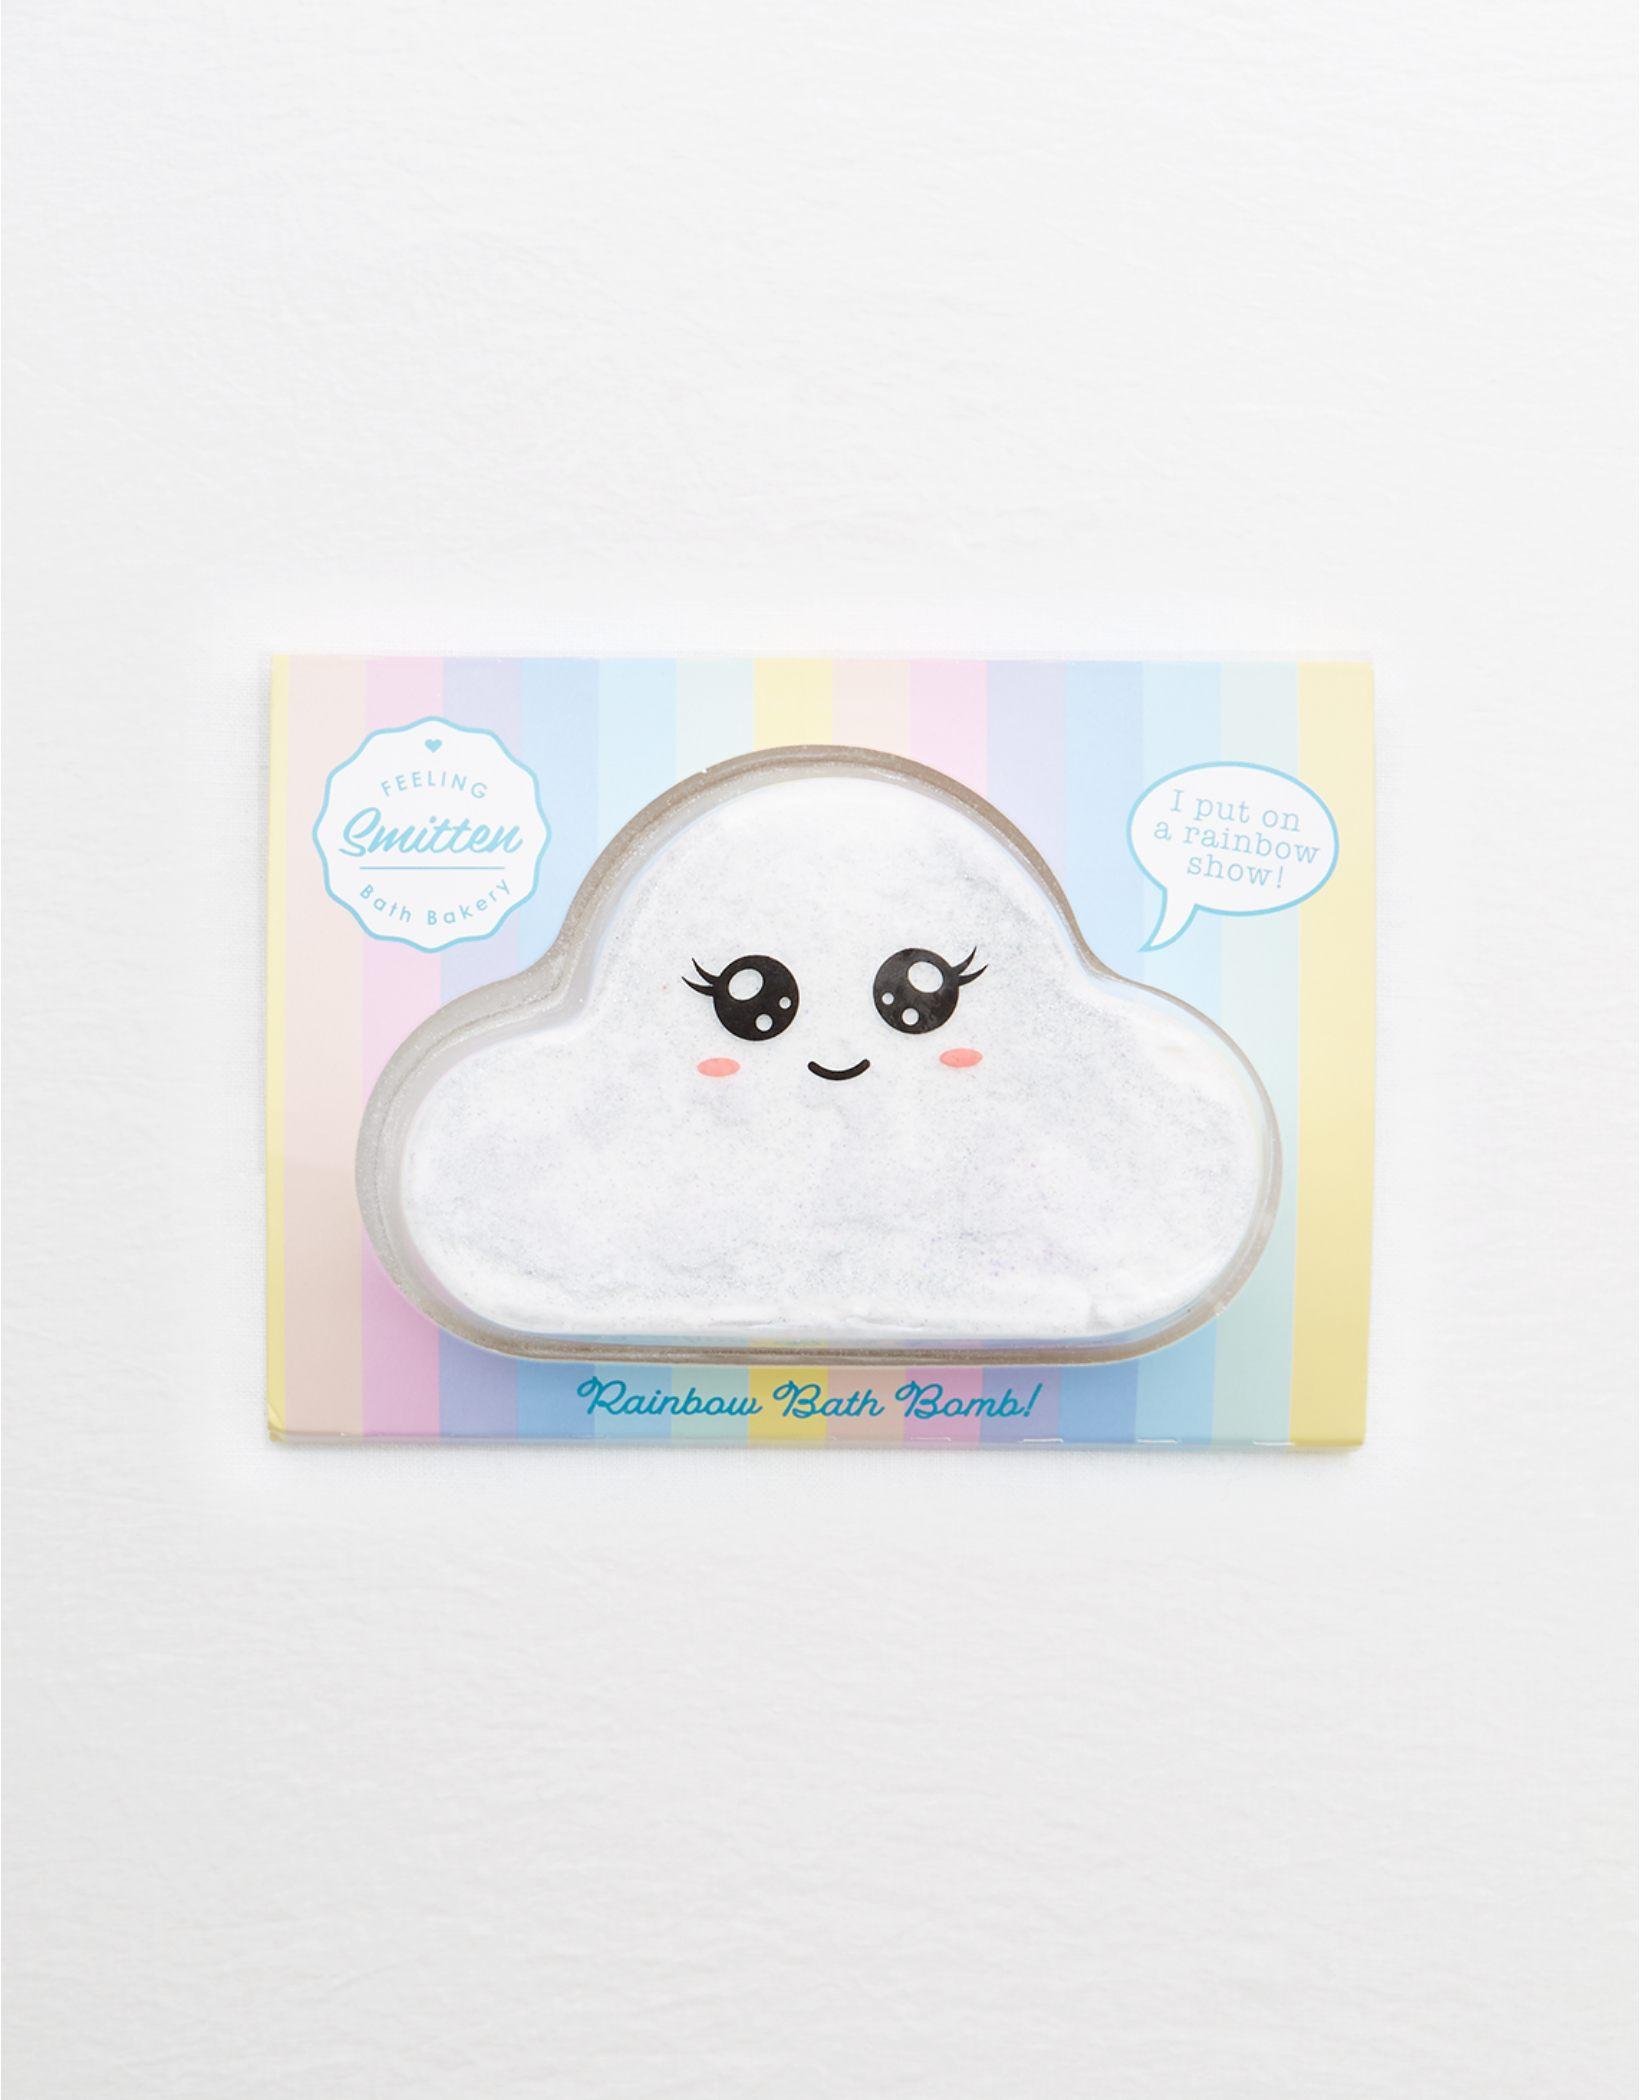 Feeling Smitten Bath Bomb - Cloud